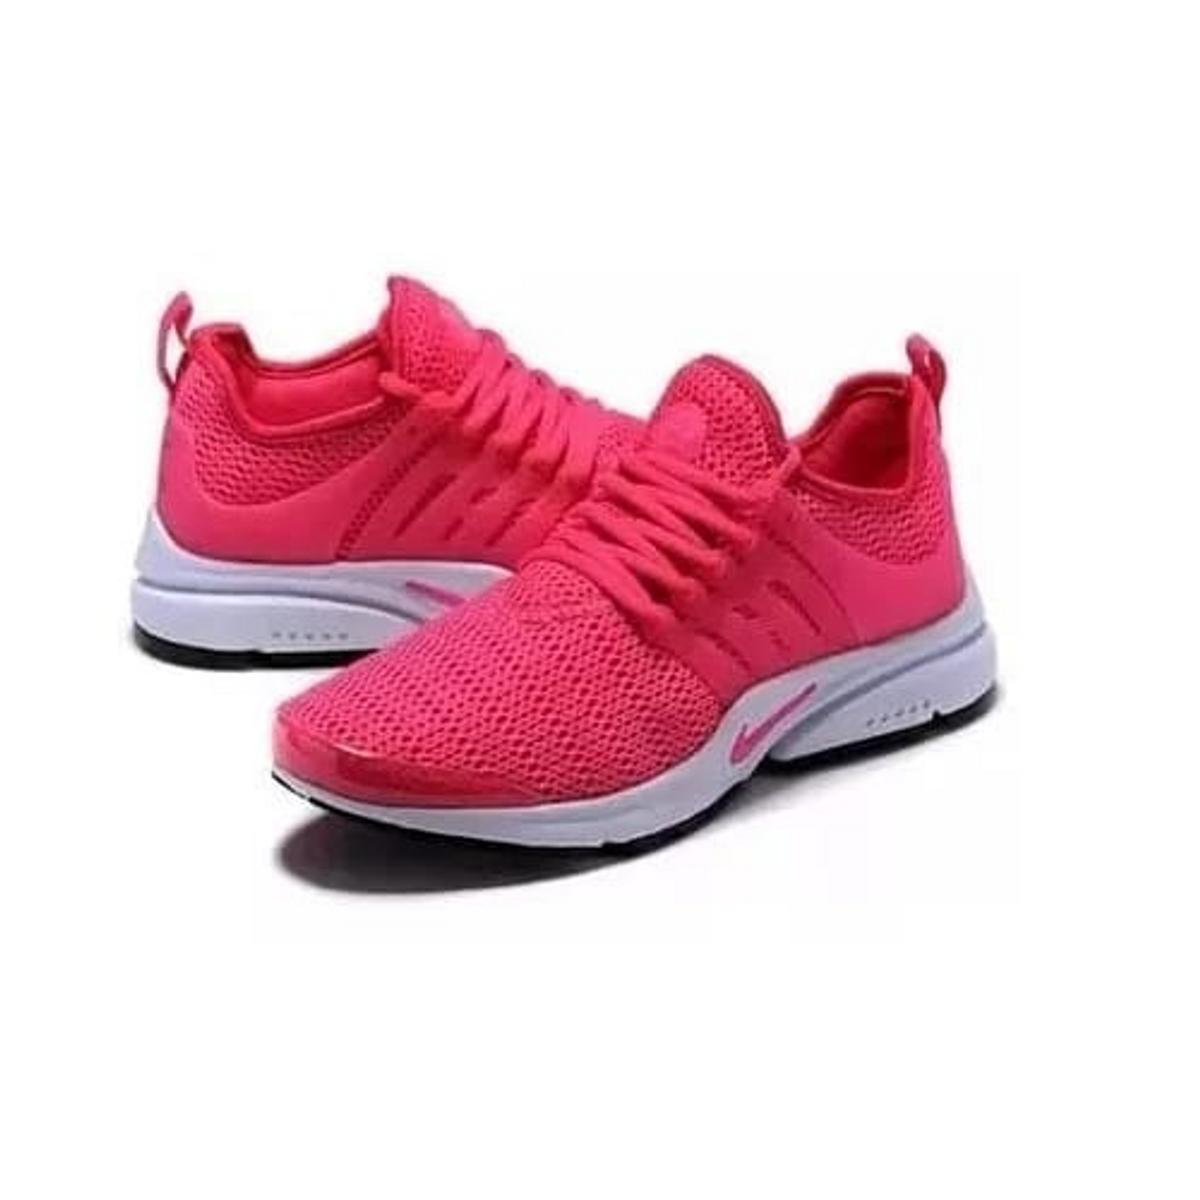 Molesto sufrir arco  Tênis Nike Air Presto Rosa Super em Conta Tamanho 39 | Tênis Feminino Nike  Nunca Usado 43683467 | enjoei